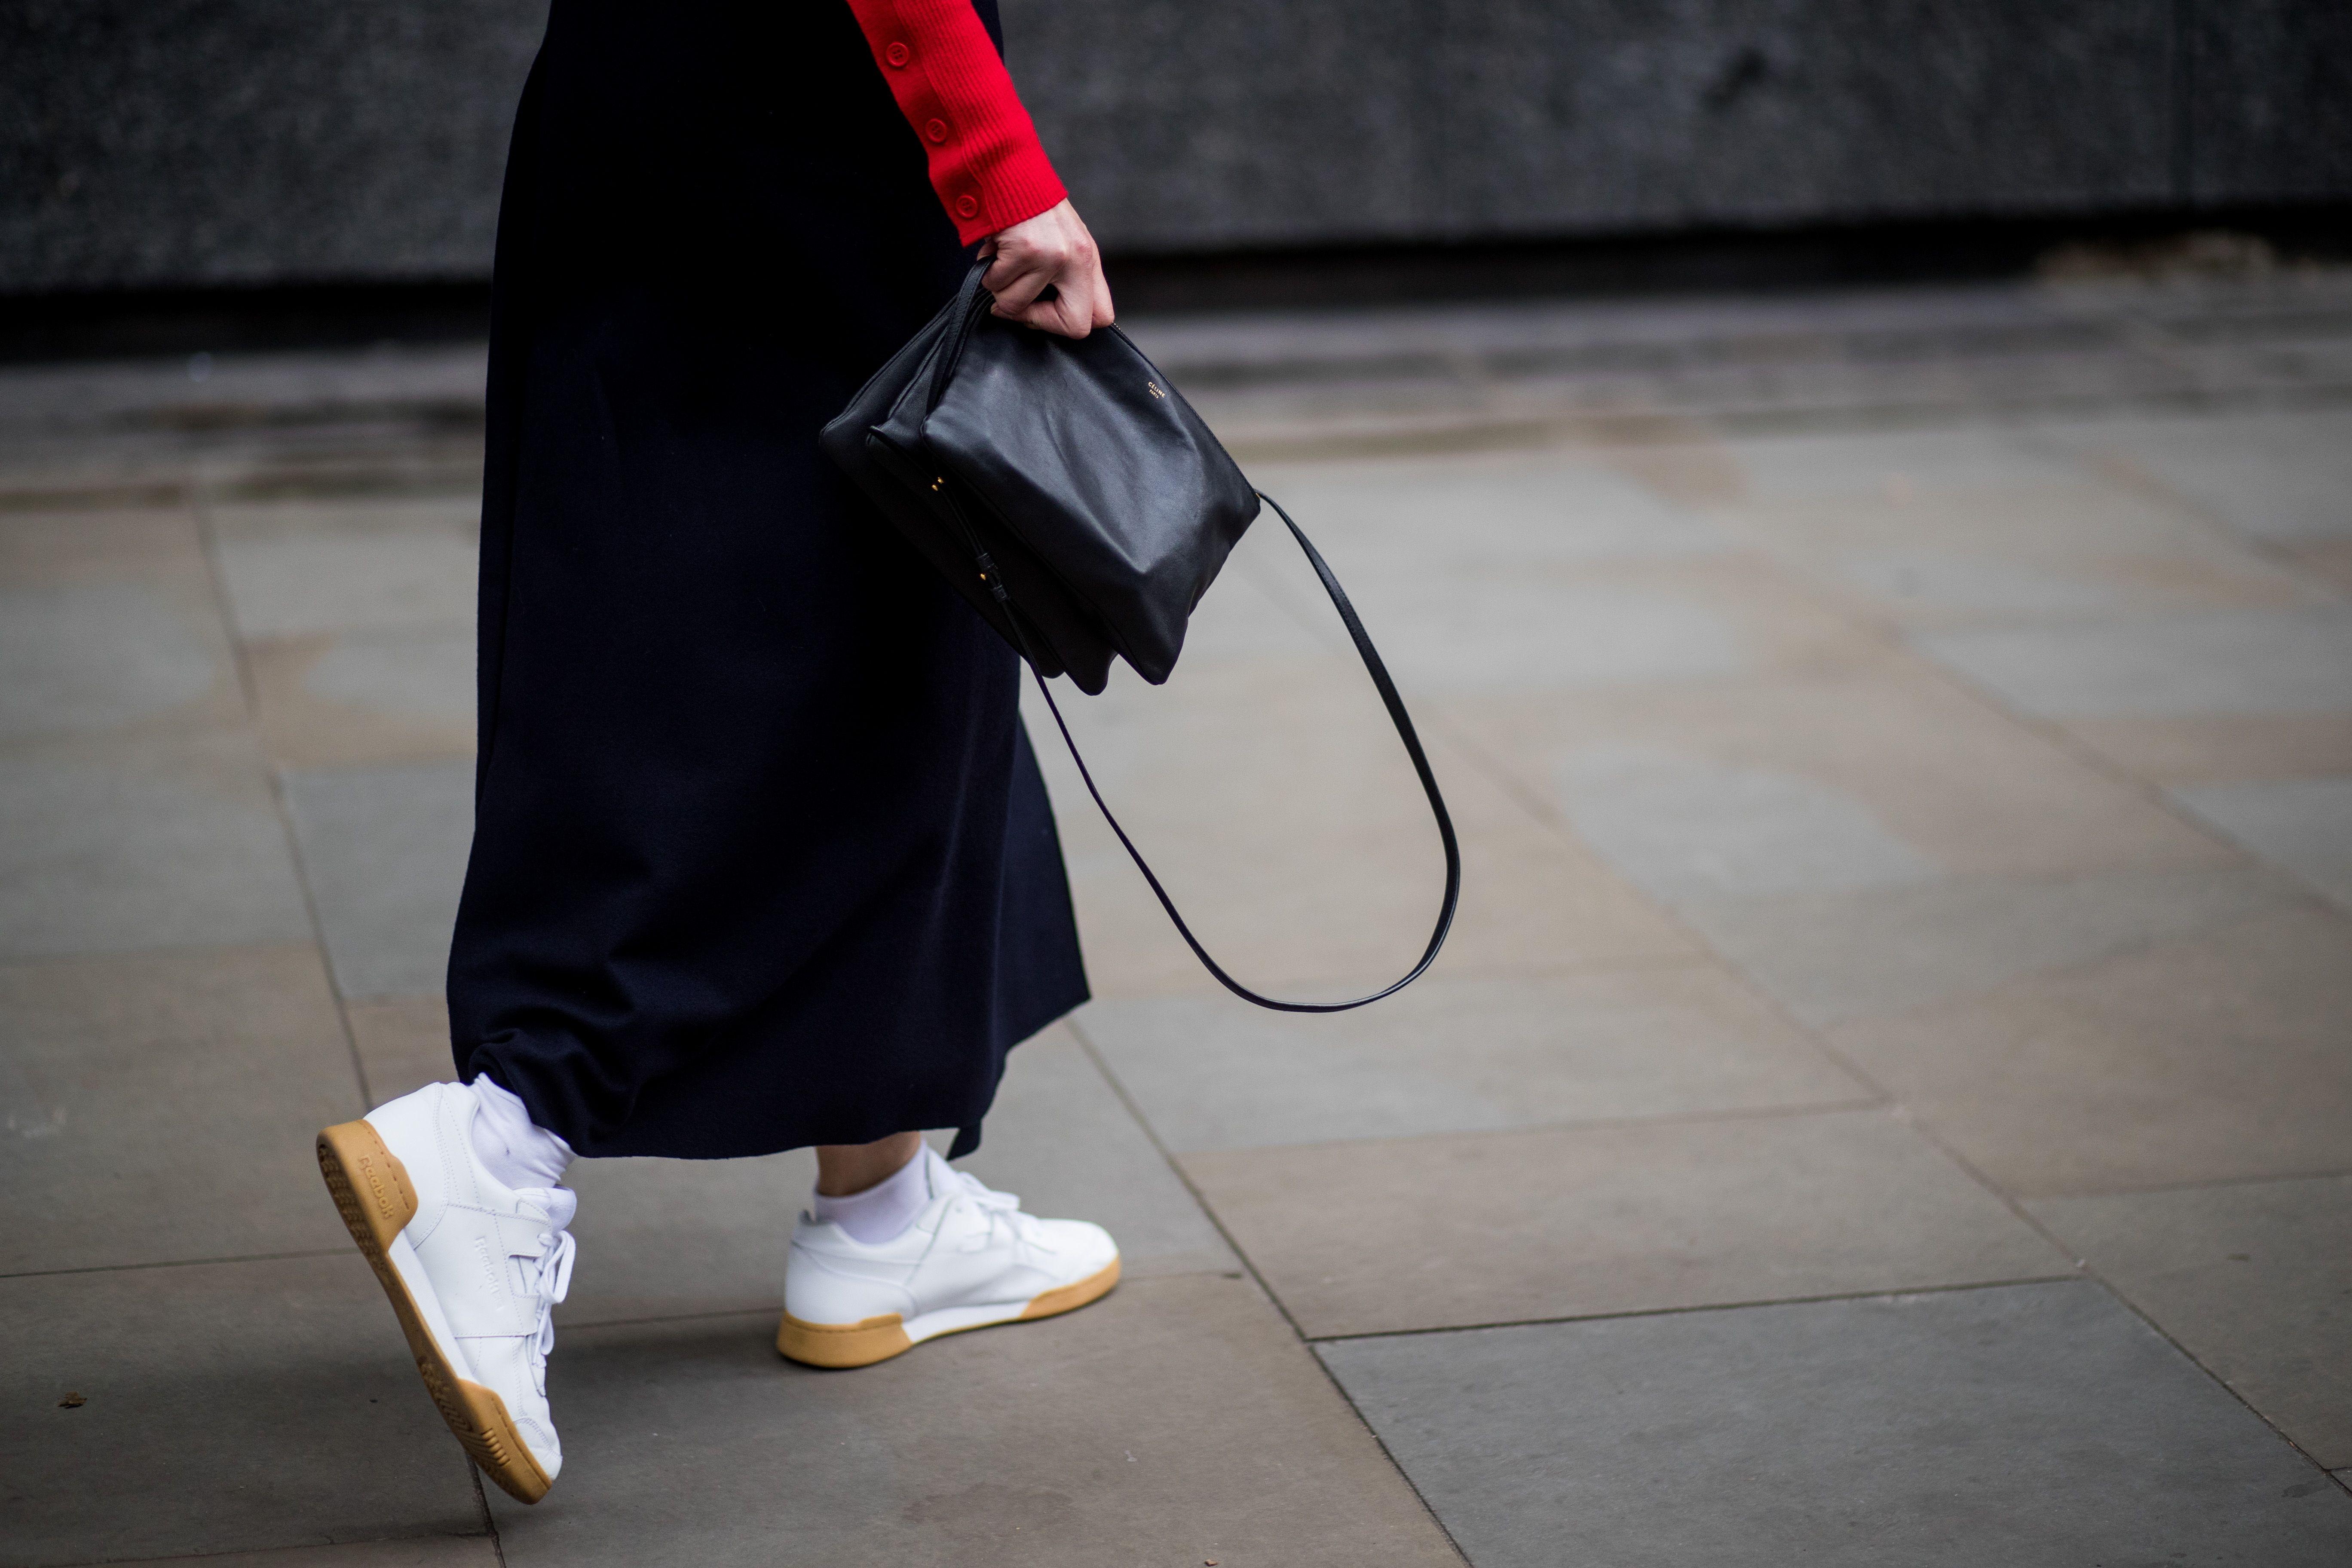 Di Sempre Su Sono 11 Popolari Più Saldo Amazon Sneakers In Le 6gybf7